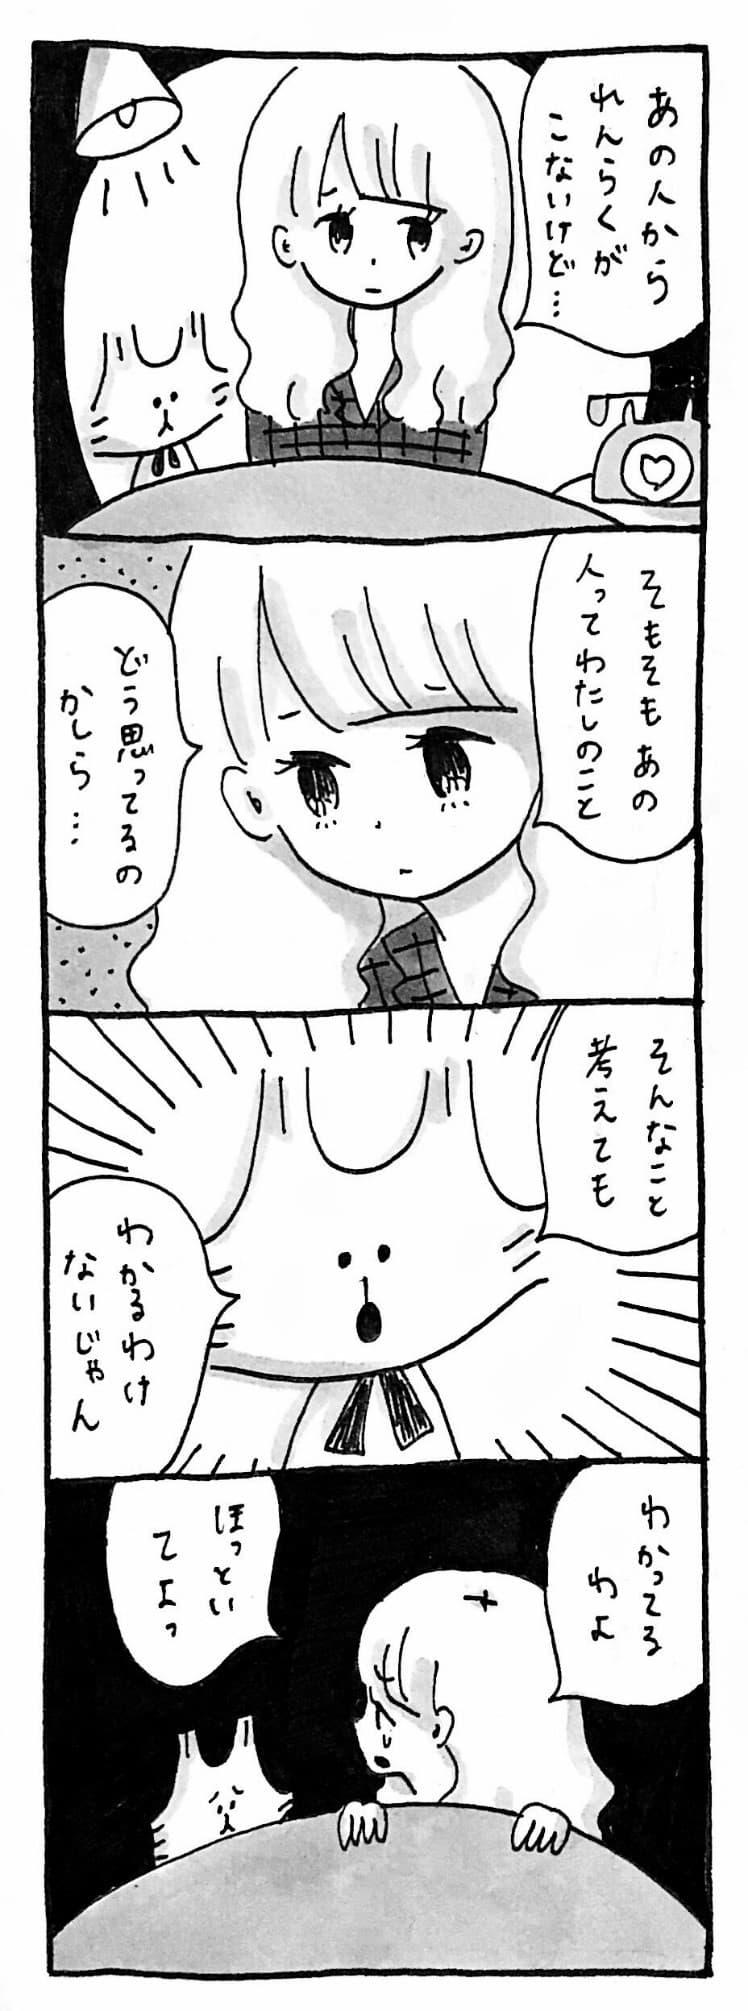 黄身子 連絡まち子ちゃん LINE 彼氏 返事 来ない